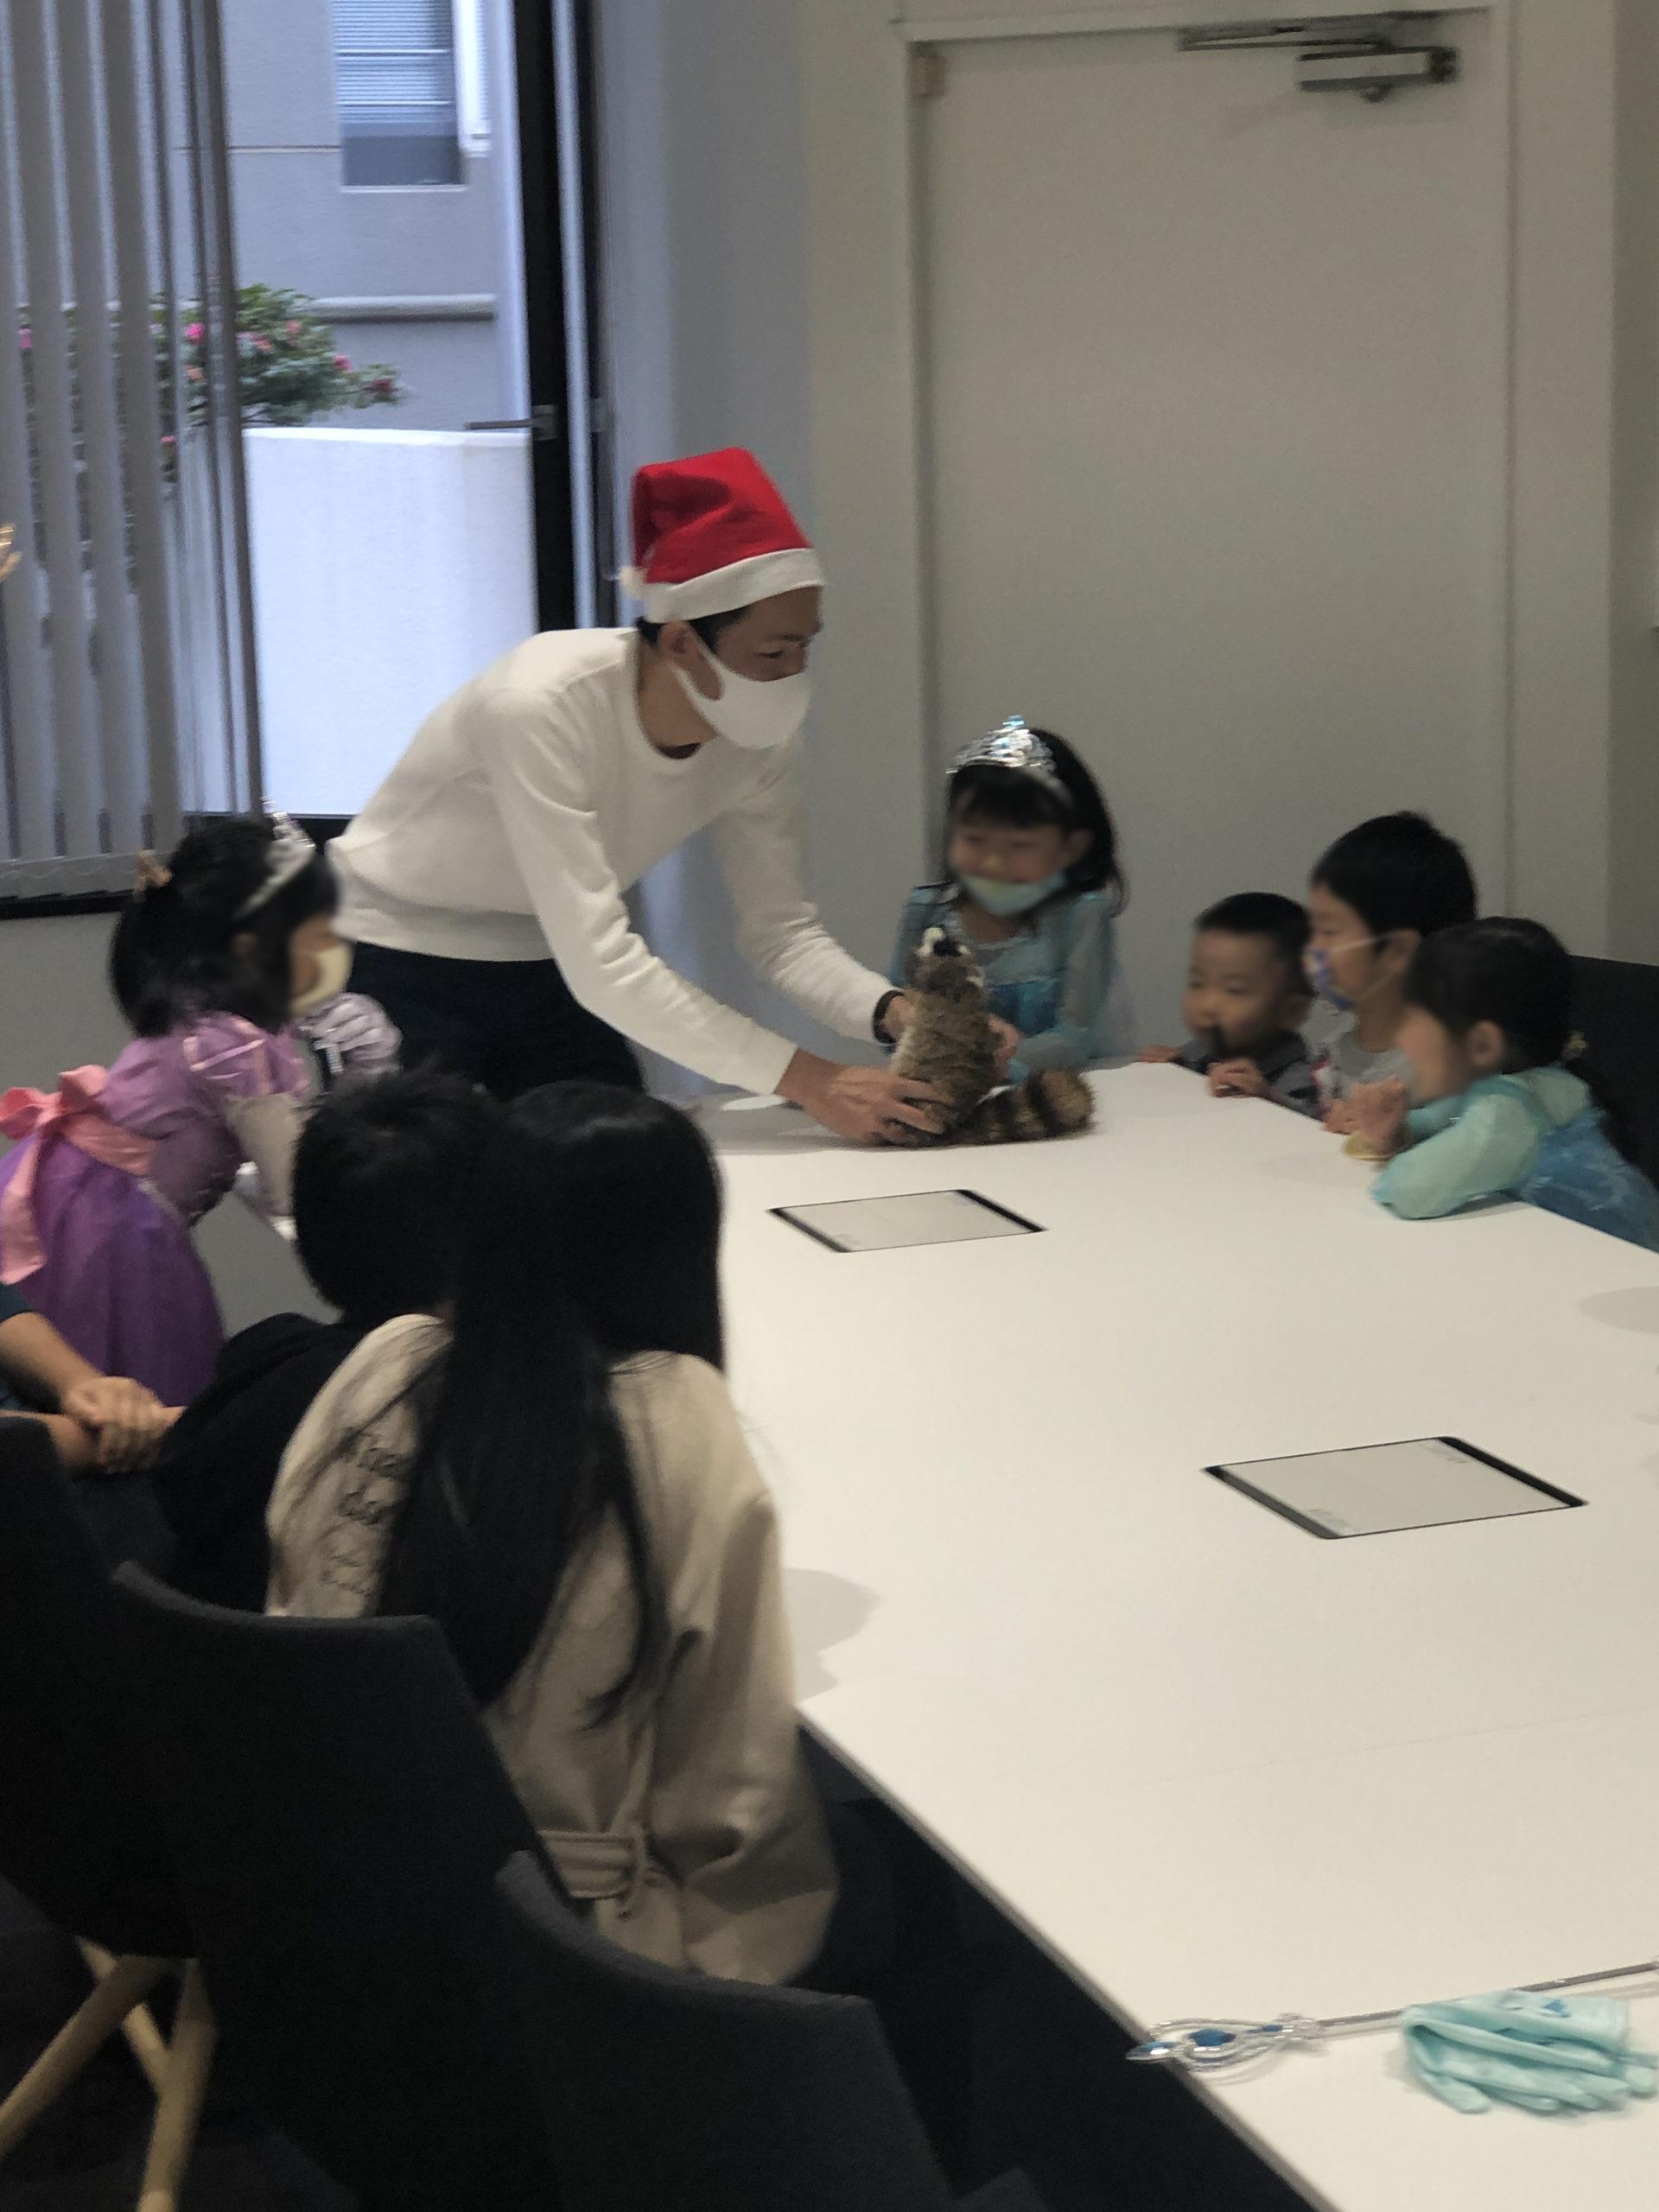 ダンスを踊るロッキー 子供向け 企業のファミリークリスマスパーティーでマジシャンのマジックショー 東京都千代田区